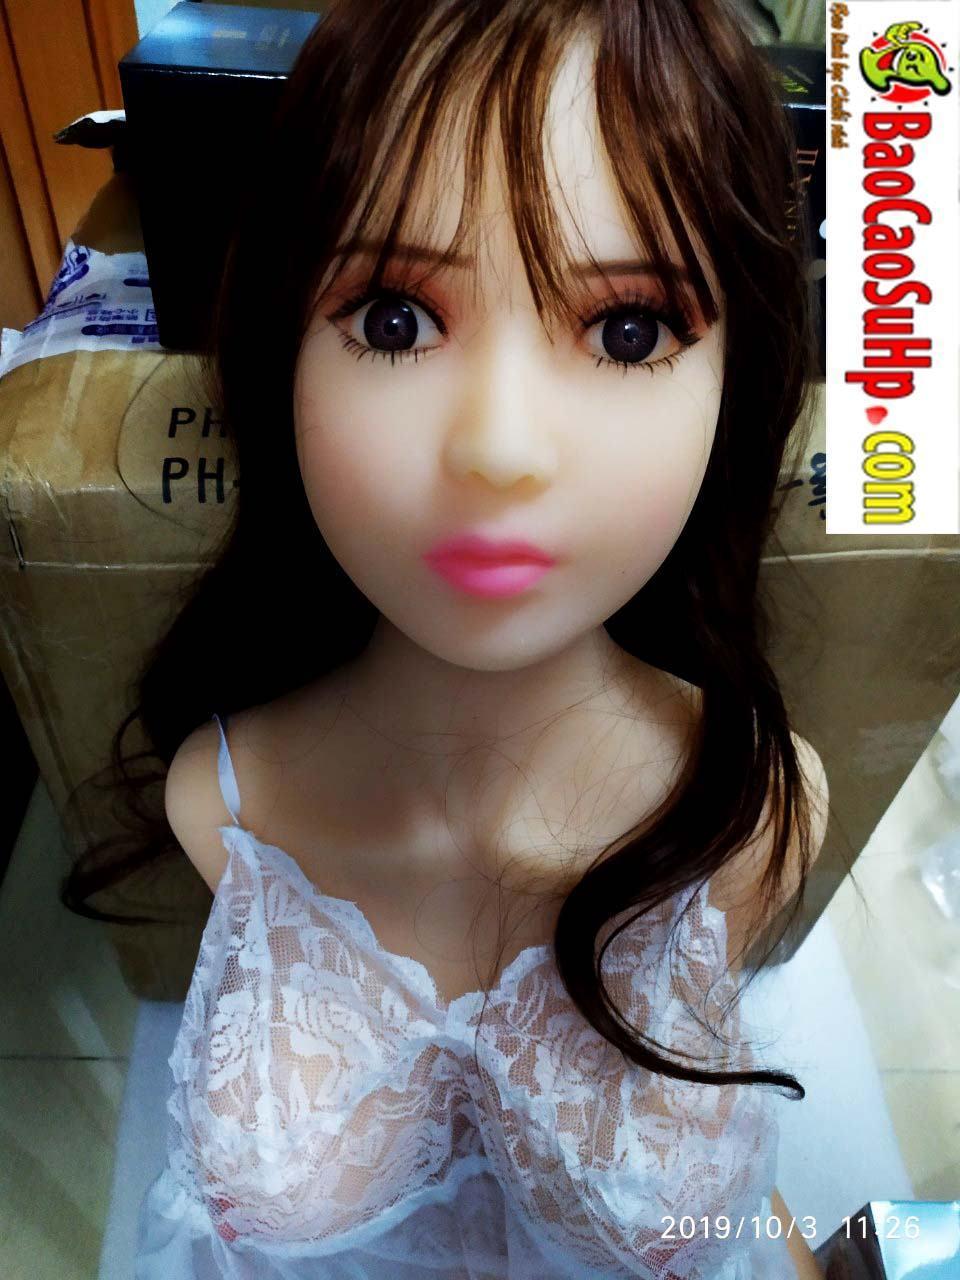 20191003151213 1855140 bup be tinh duc nadian ban toc dai 3 - Búp bê tình dục bán thân Nadia to như người thật